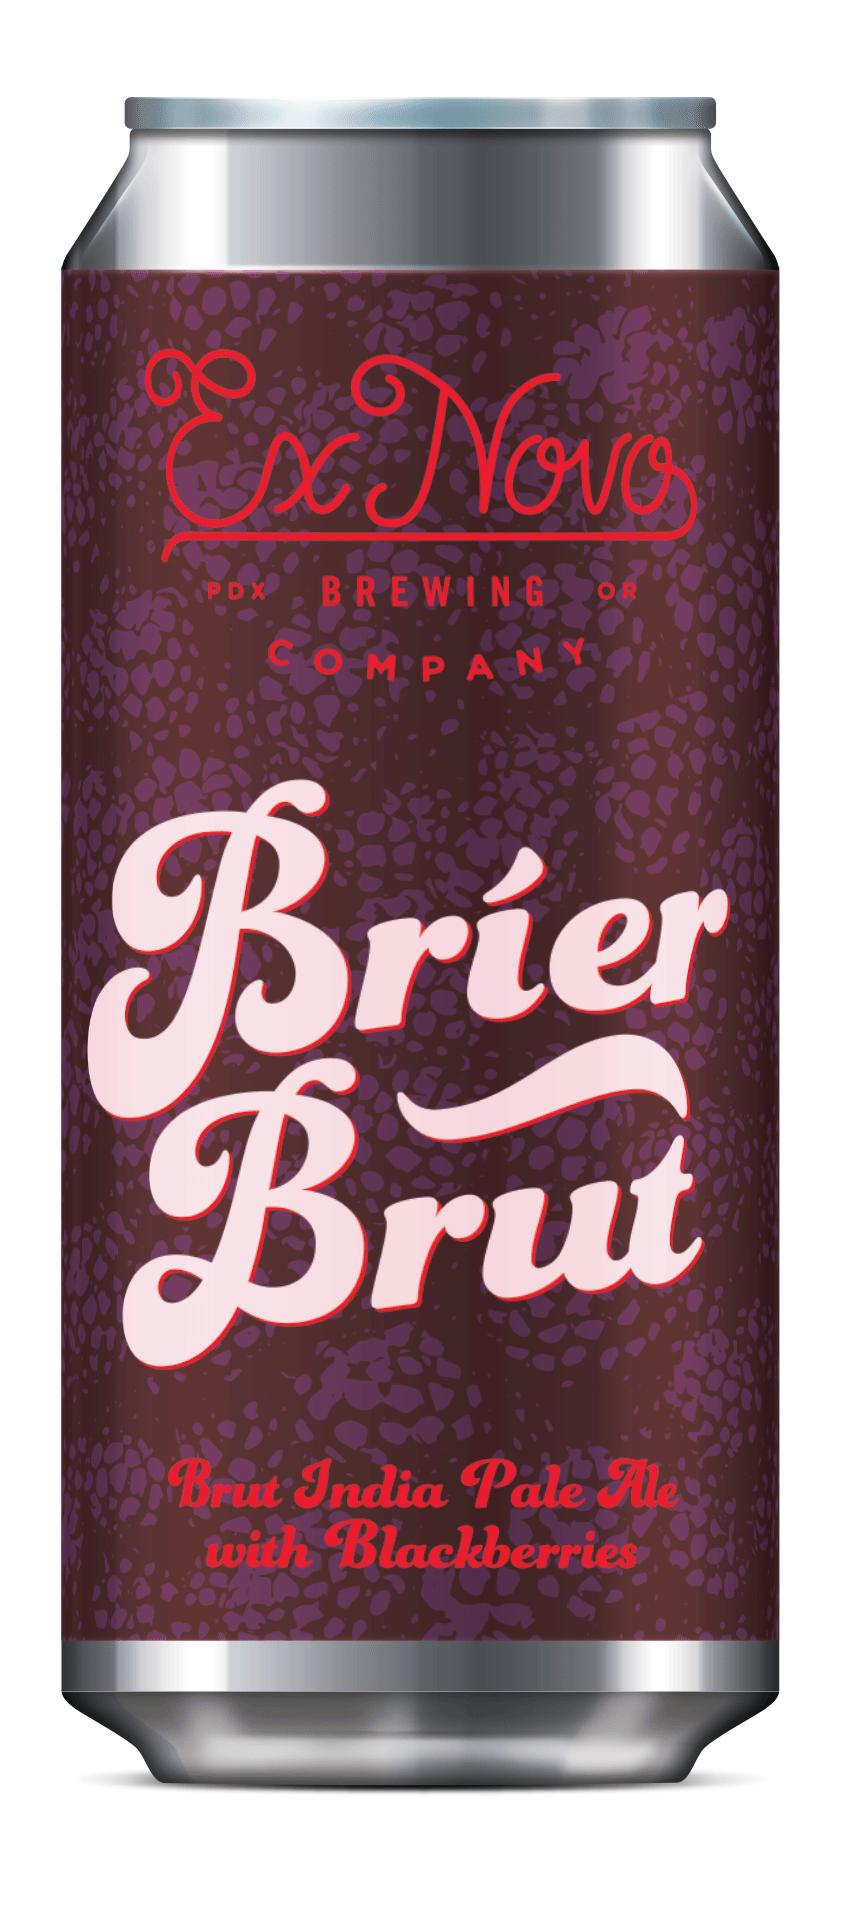 EX_Bottles_Brier-Brut.png